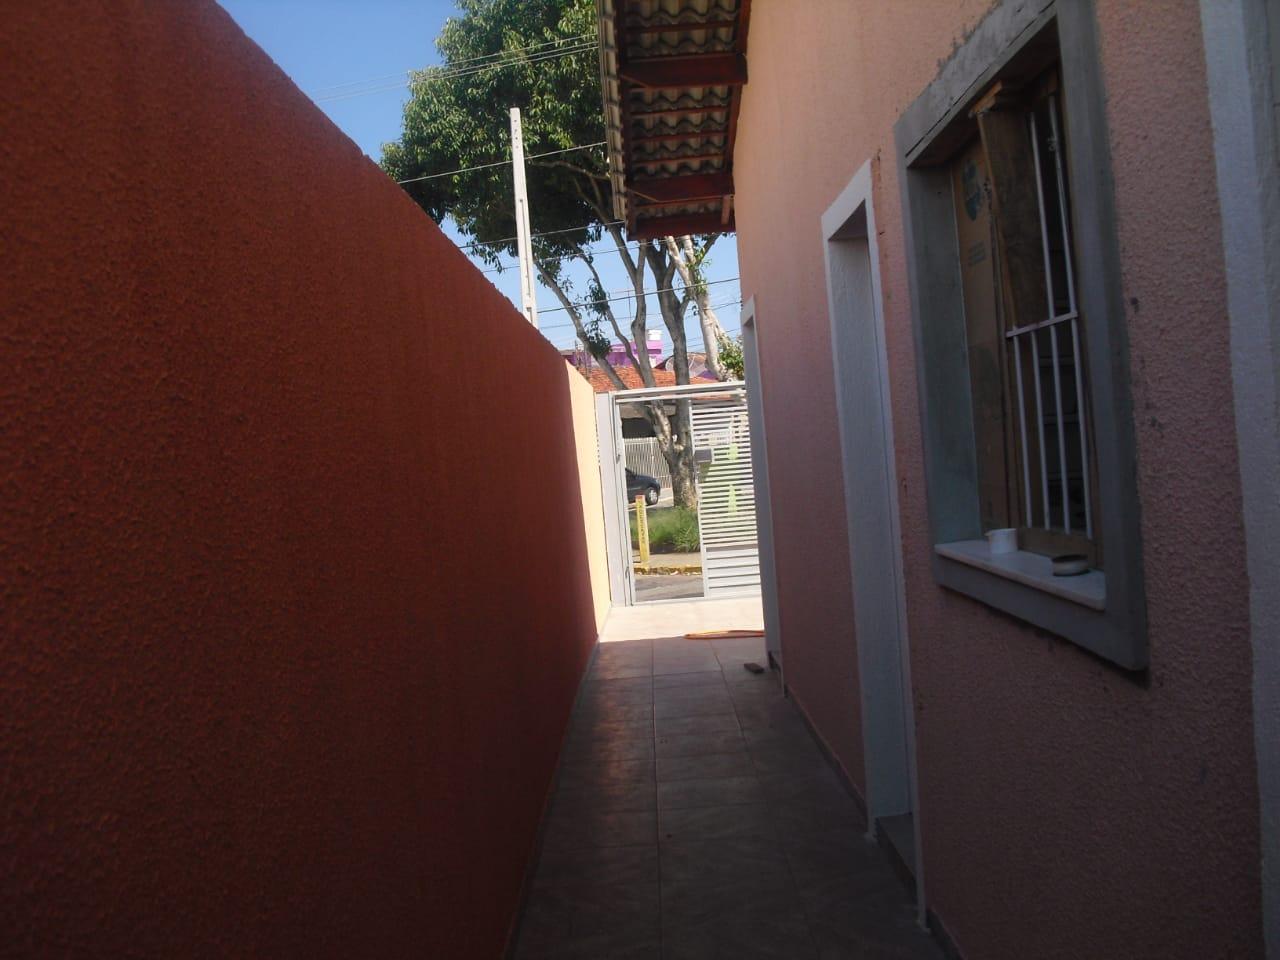 Casa Mogi das cruzes / Bertioguinha